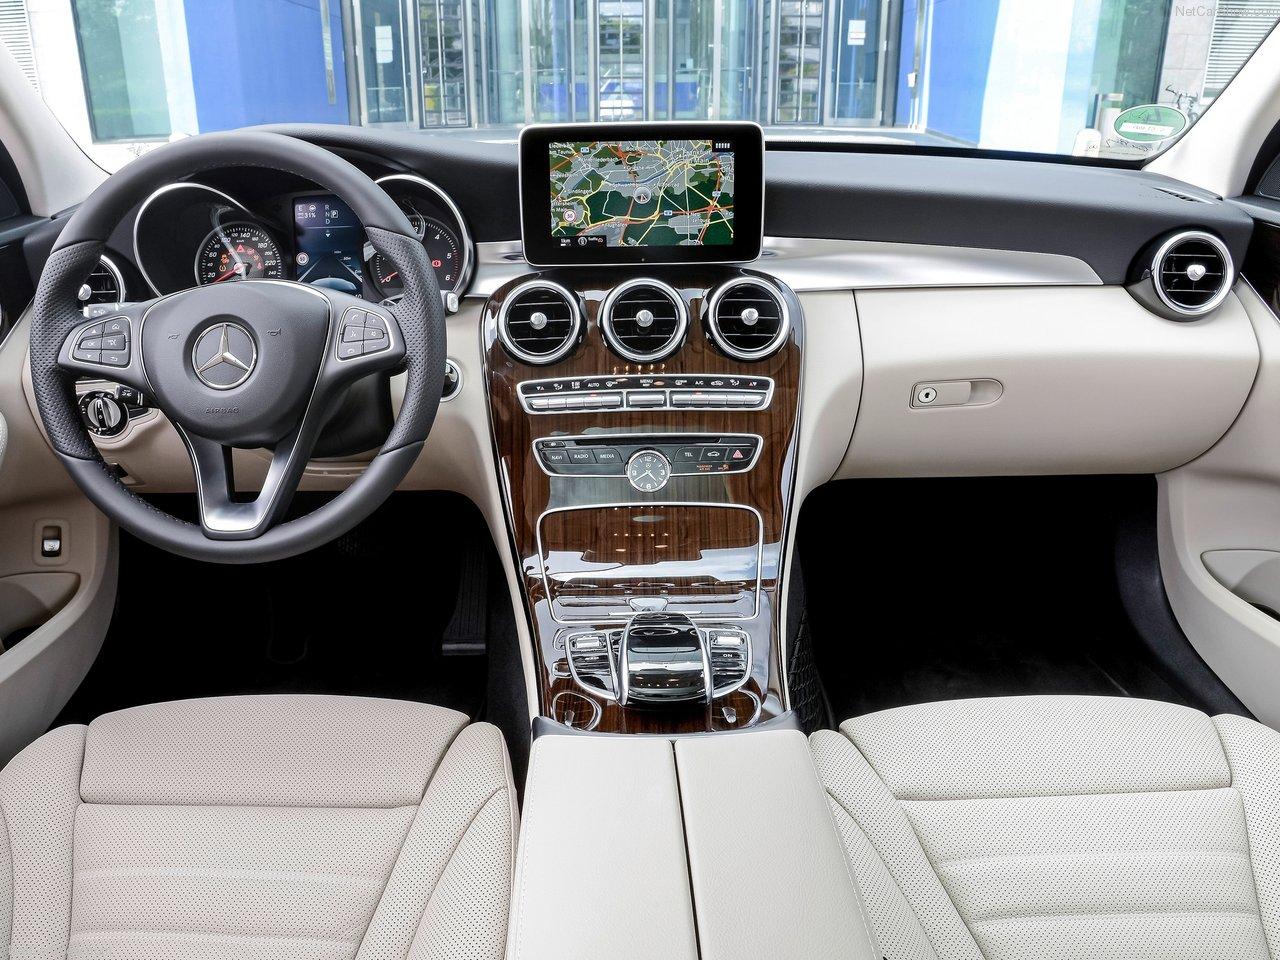 mercedes-benz-c-class-estate-2015-1280-72.jpg